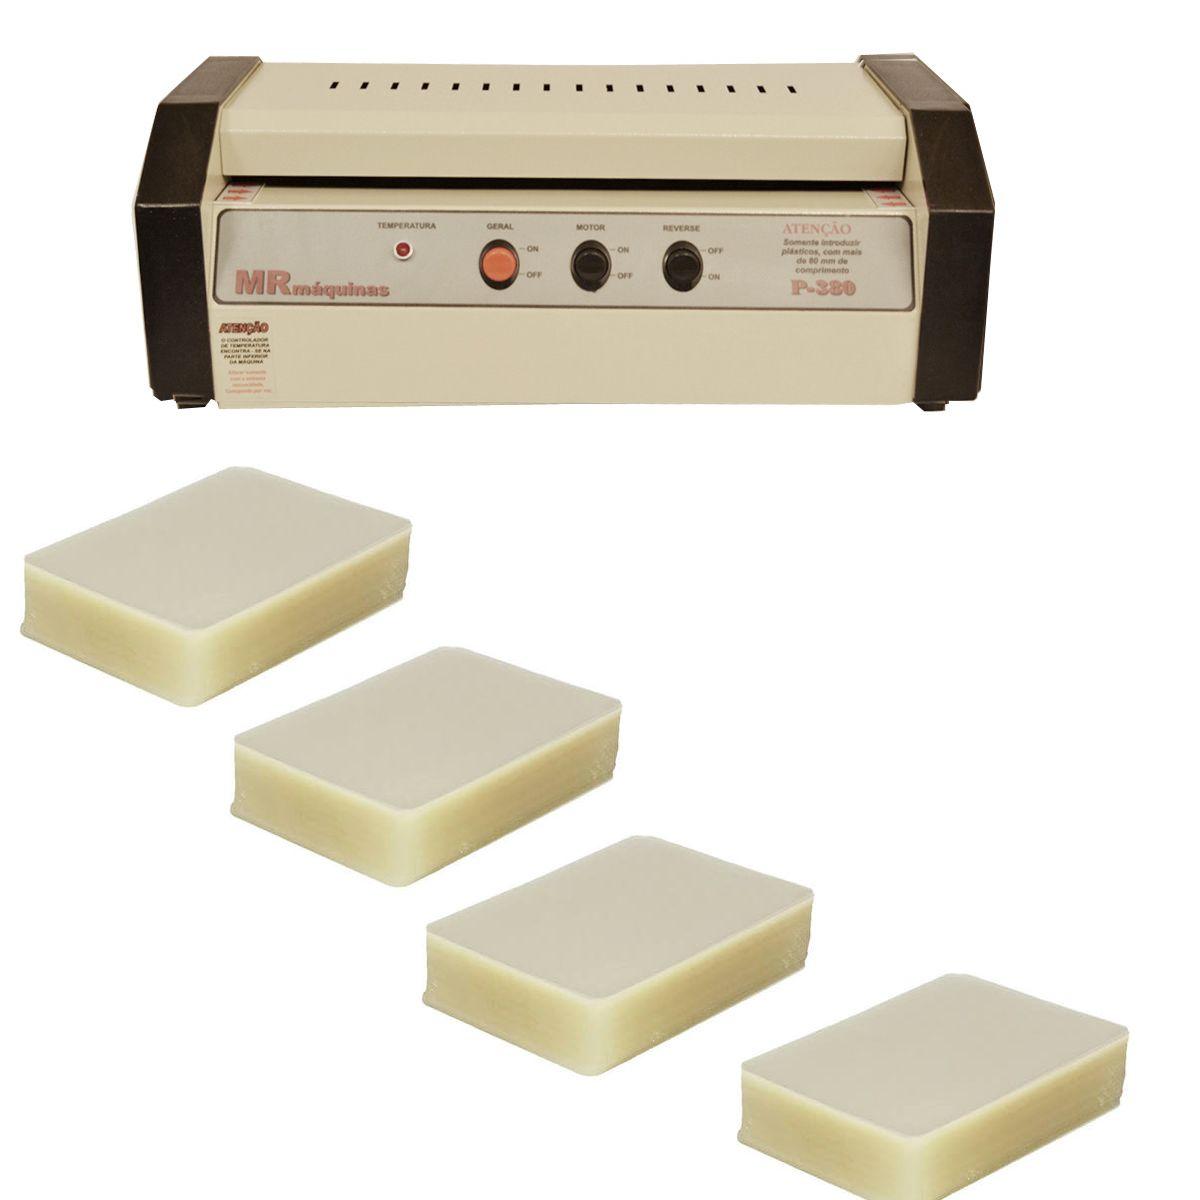 Maquina de Plastificação PS-380 com 200 Polaseal A3